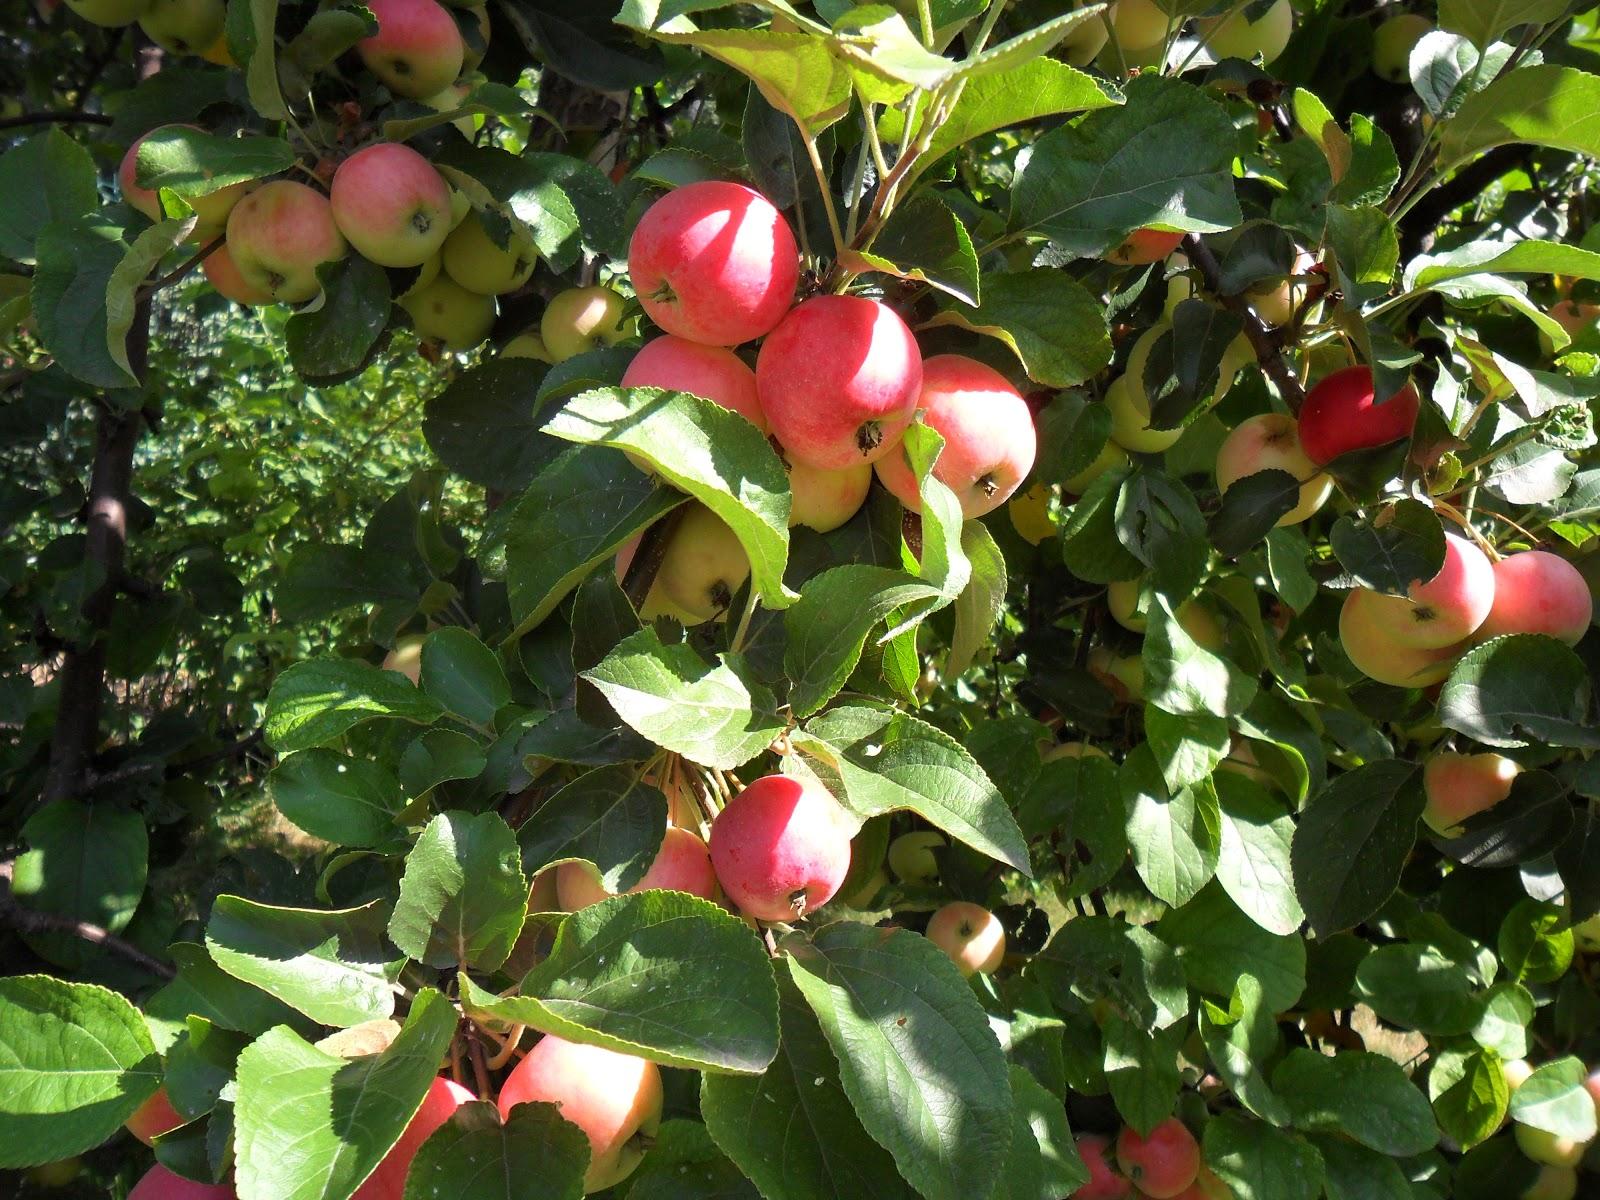 Почему яблоня плохо плодоносит?